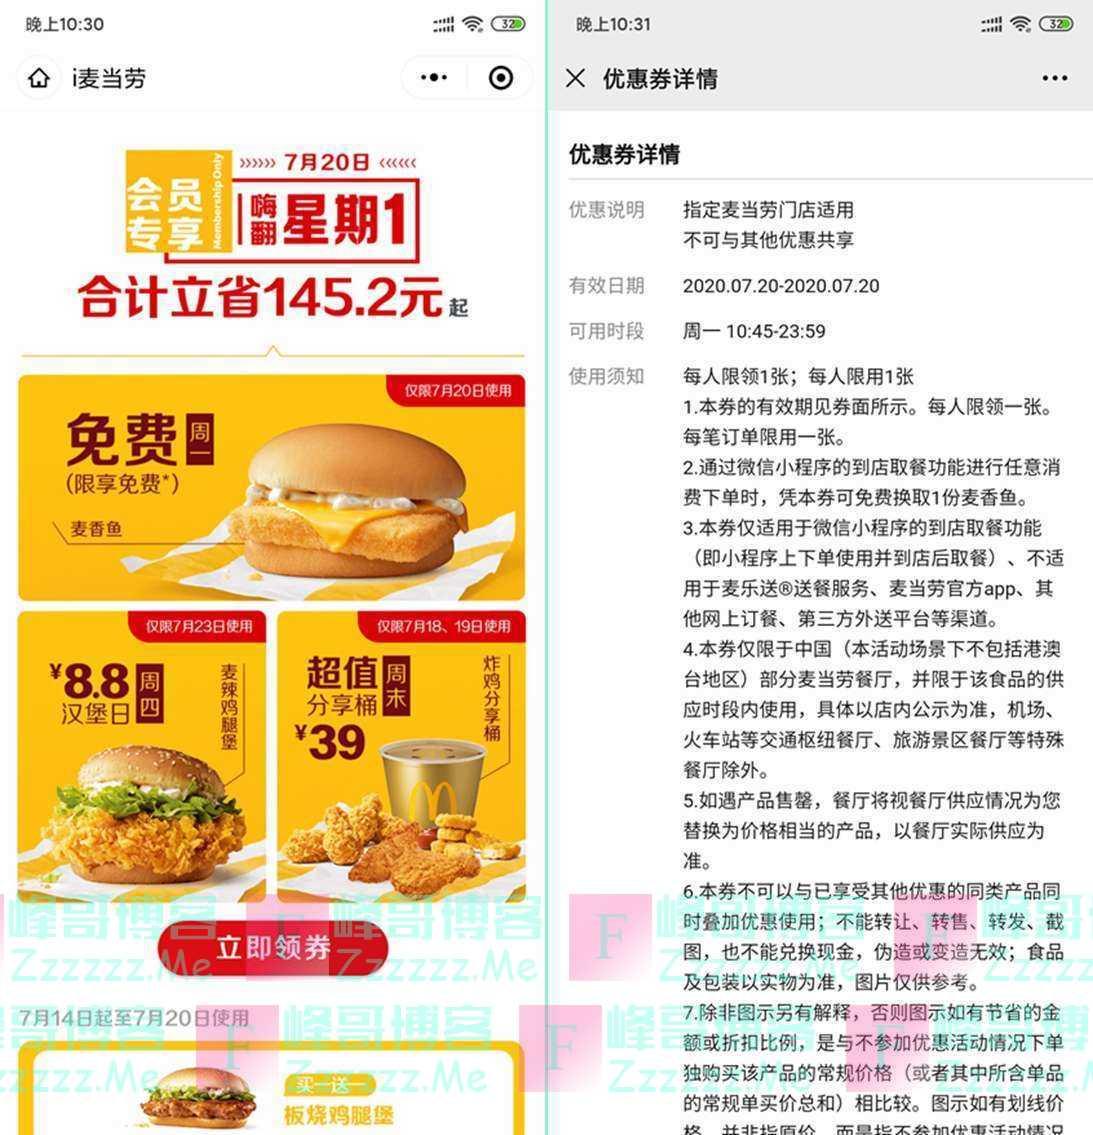 麦当劳周一会员日最新一期任意消费送麦香鱼汉堡